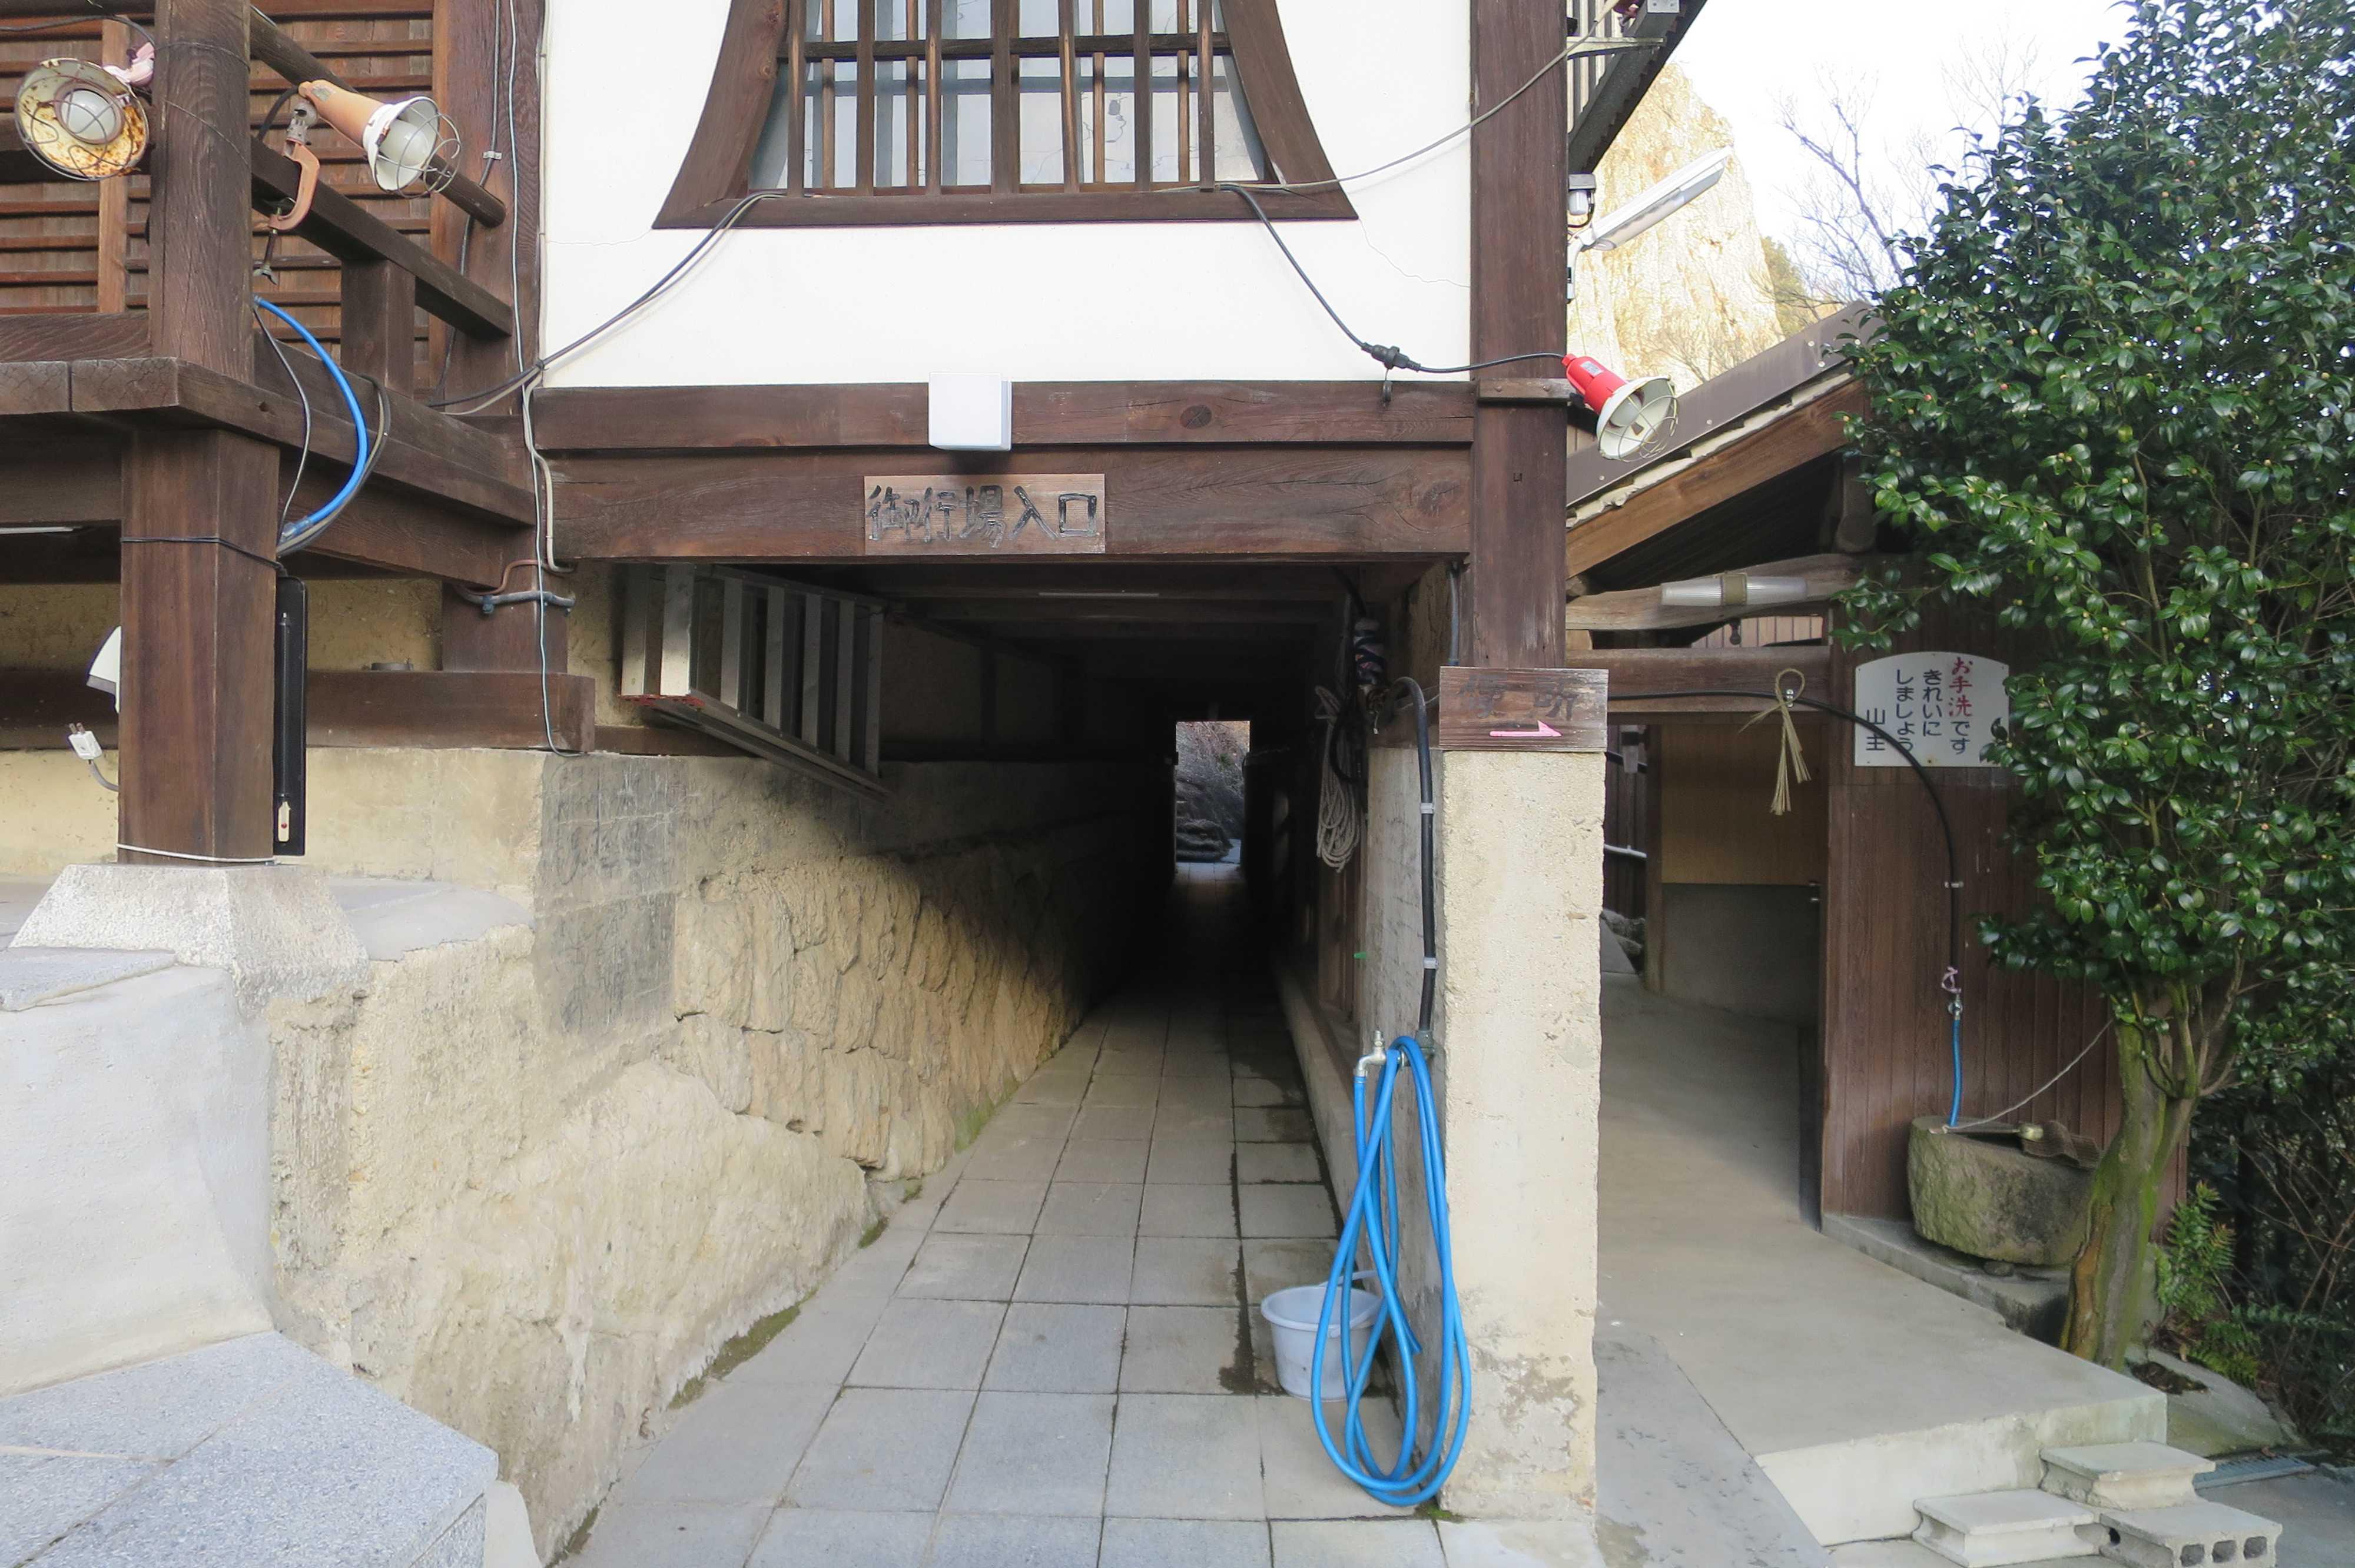 御行場入口: 捨身ヶ嶽のお行場への通路